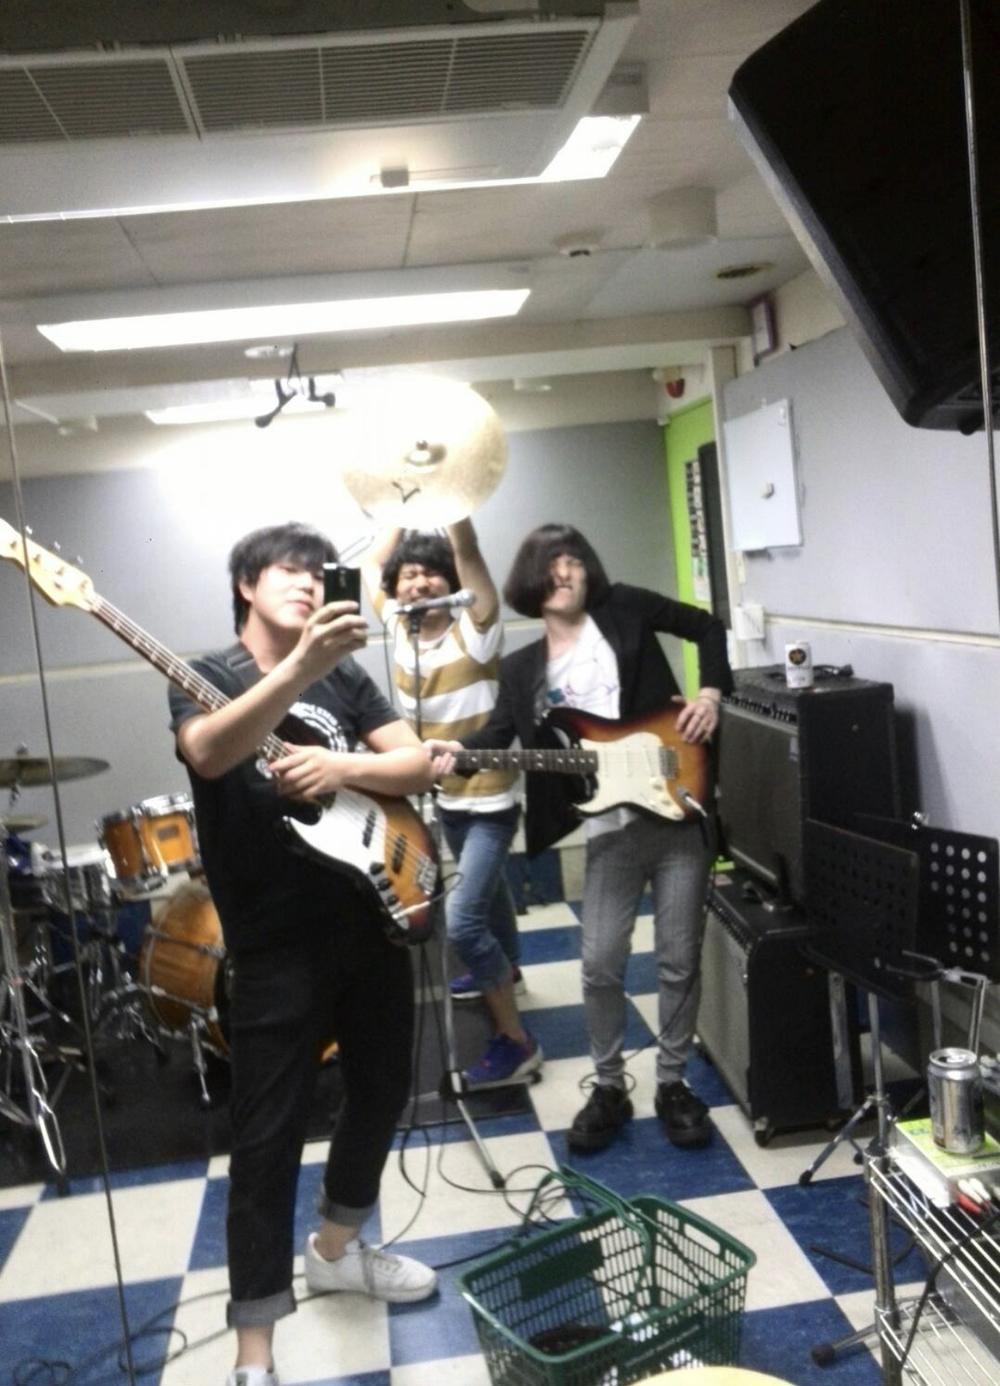 9月24日 19:45~22:00 新宿で一緒にバンド・楽器演奏・音楽を楽しもう!!